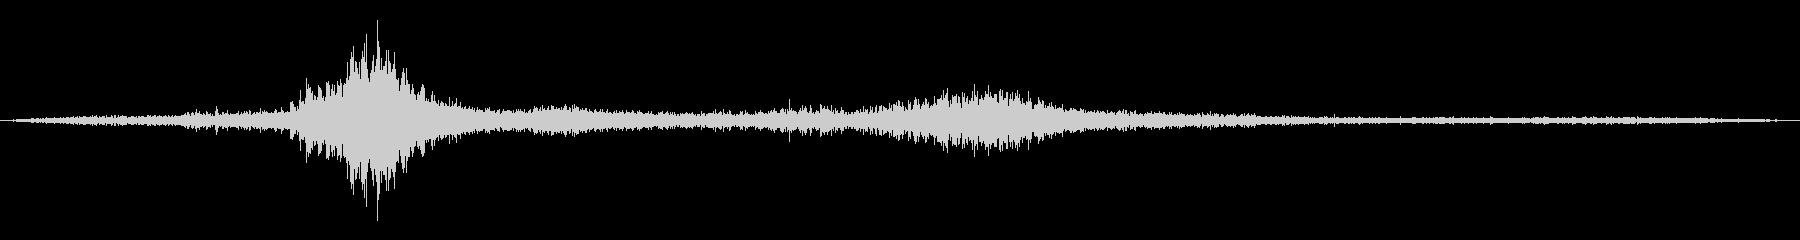 ローラーコースター:パスバイアンド...の未再生の波形